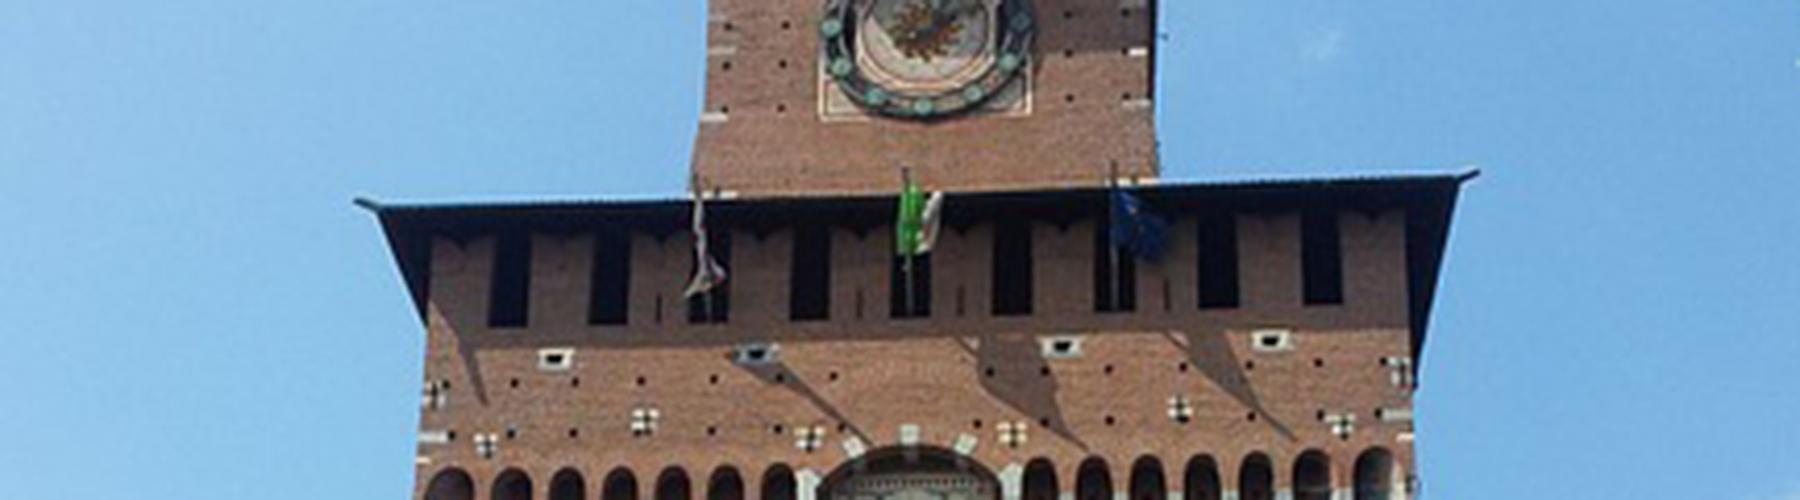 Mailand – Hostels in der Nähe von Castello Sforzesco. Mailand auf der Karte. Fotos und Bewertungen für jedes Hostel in Mailand.